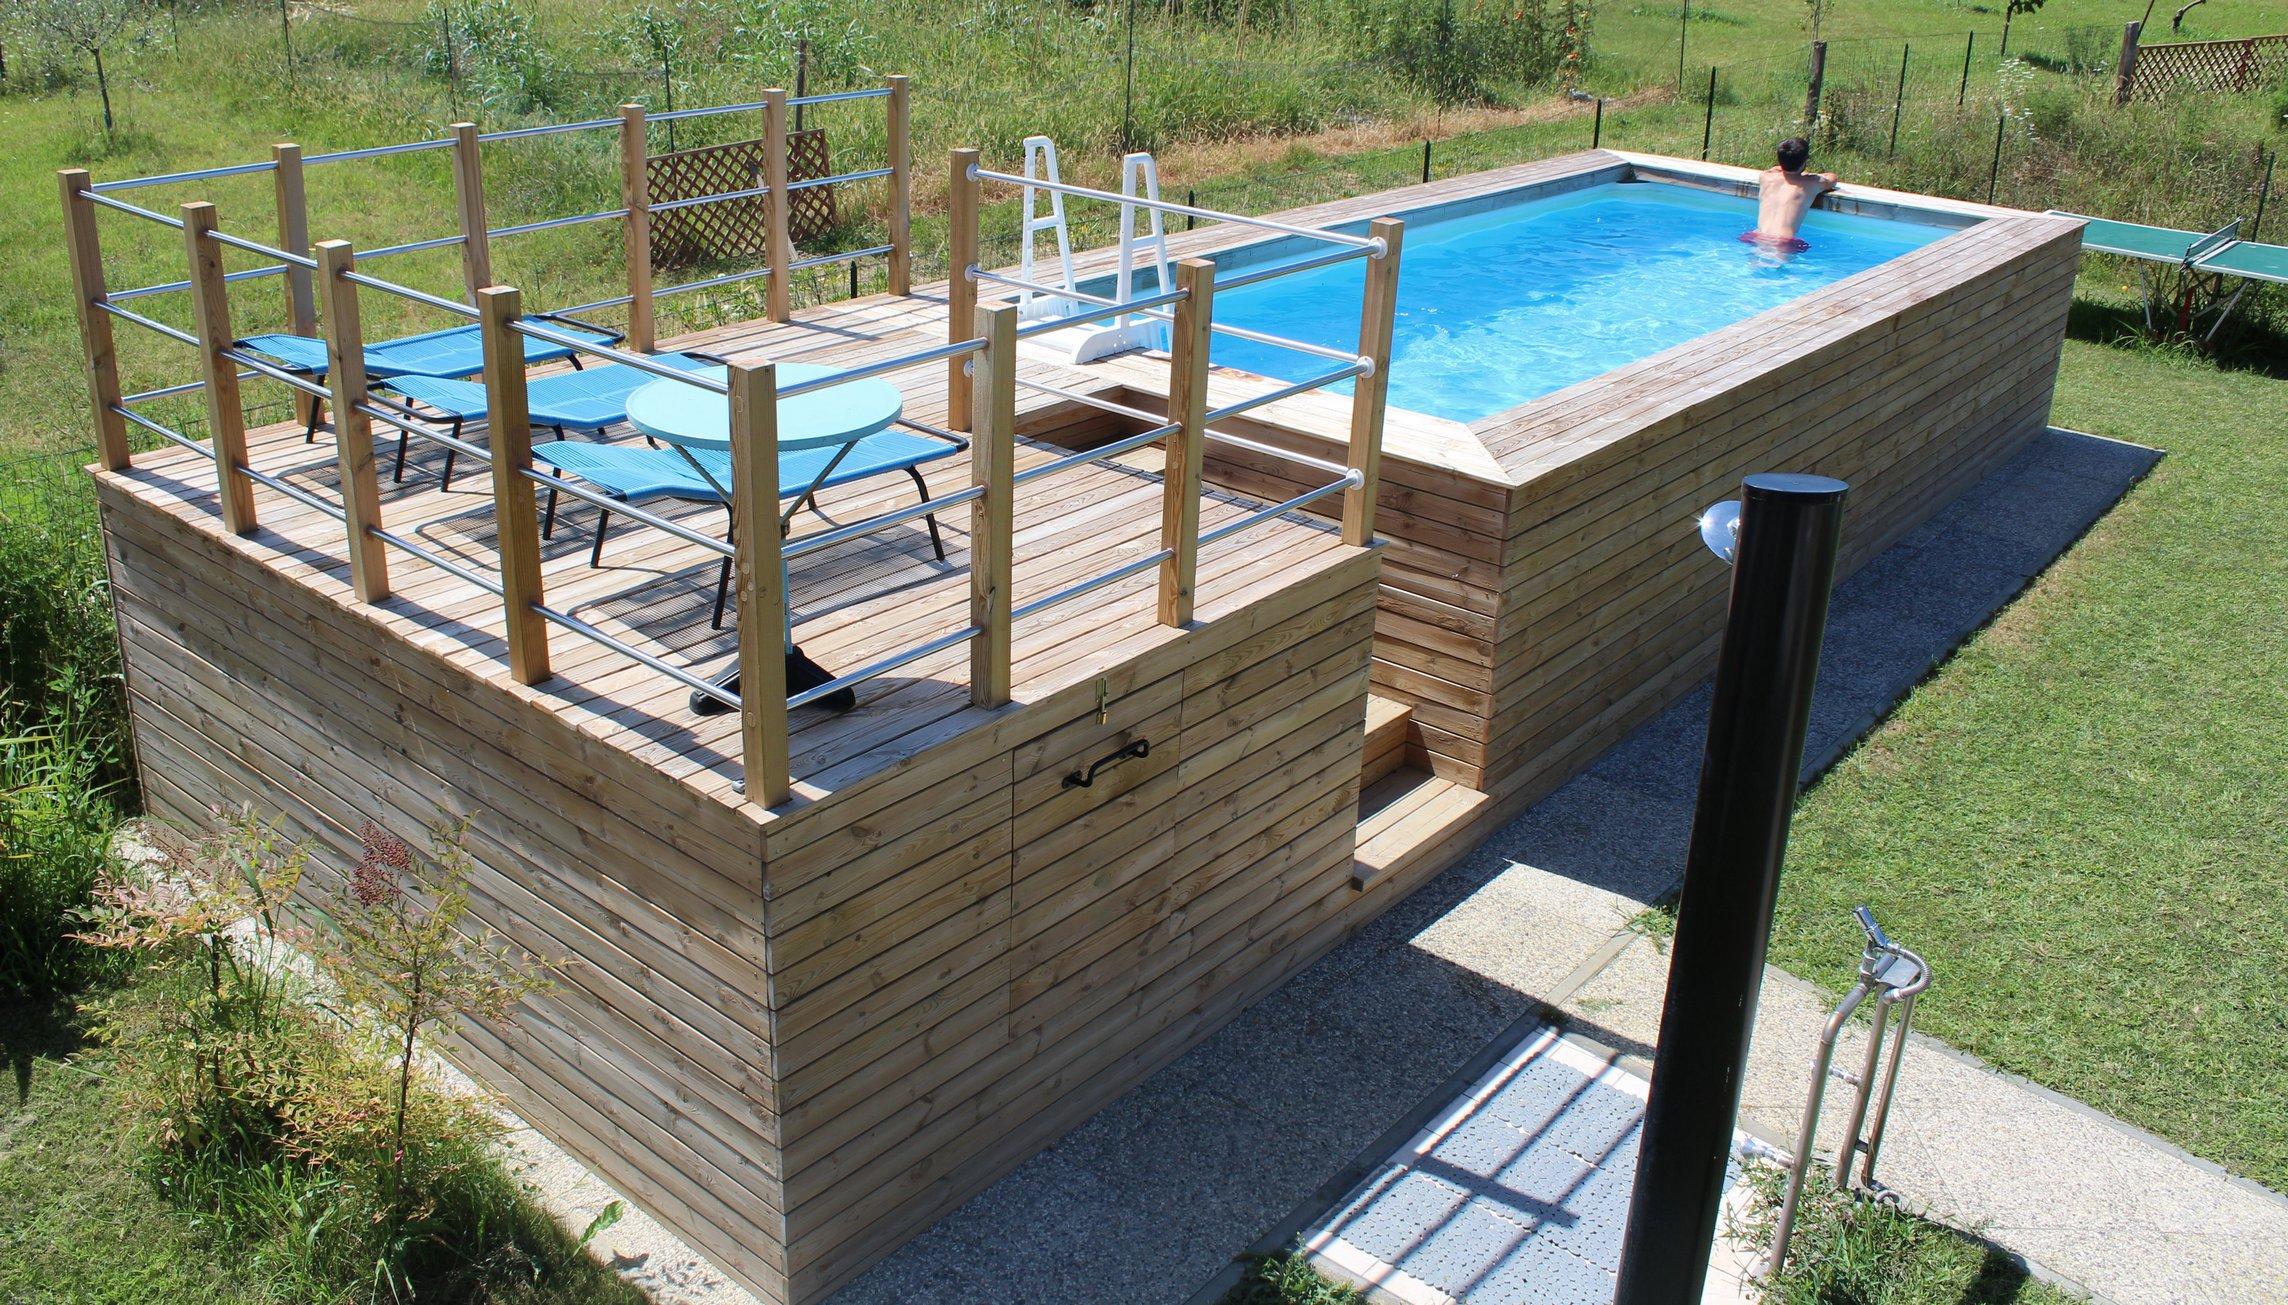 Piscina fuori terra con soppalco rivestita in legno di abete - Piscine fuori terra con solarium ...